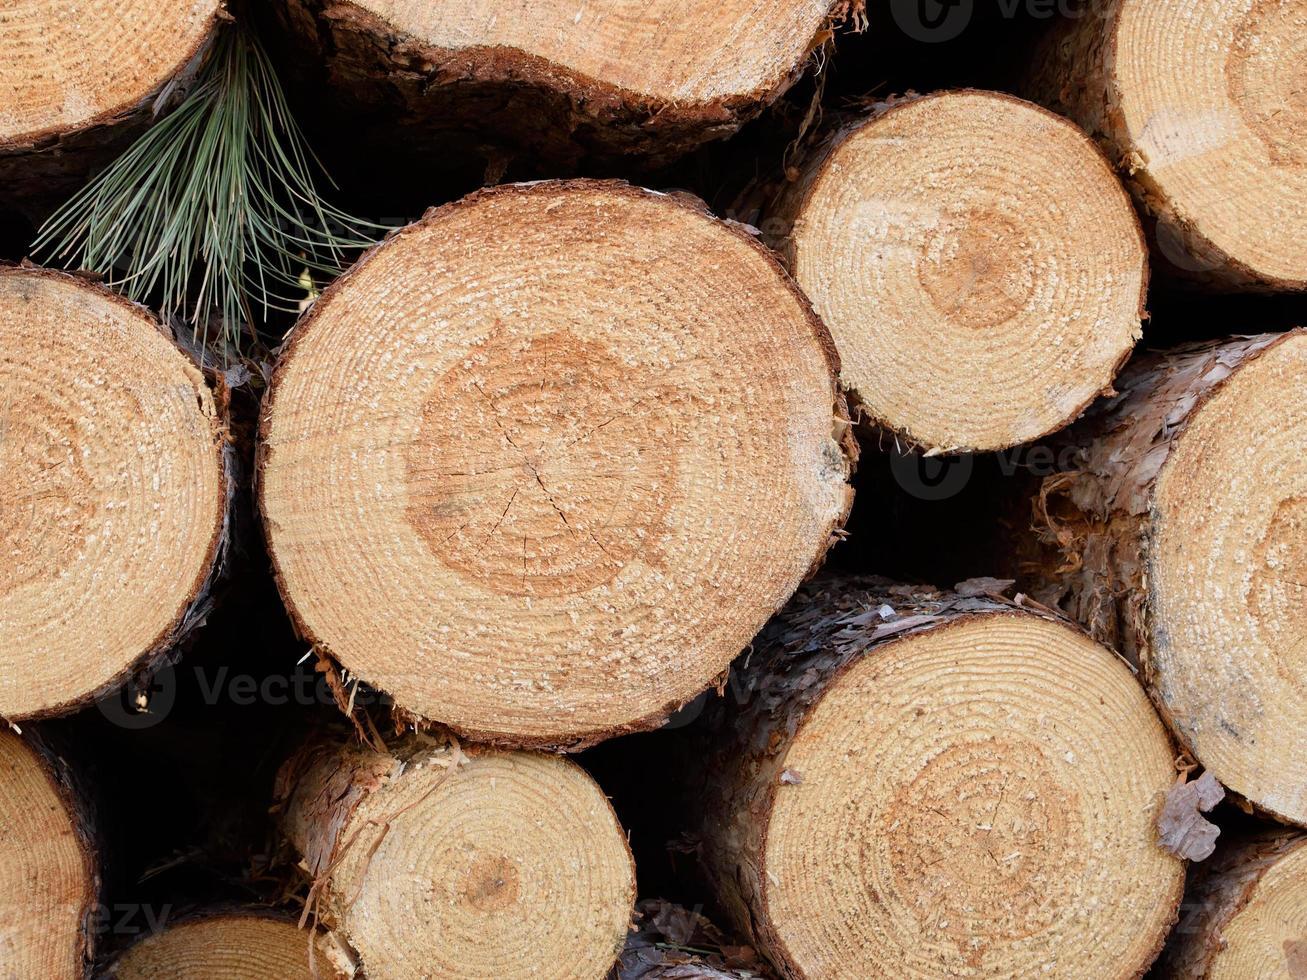 pin rouge fraîchement coupé (Pinus resinosa) photo